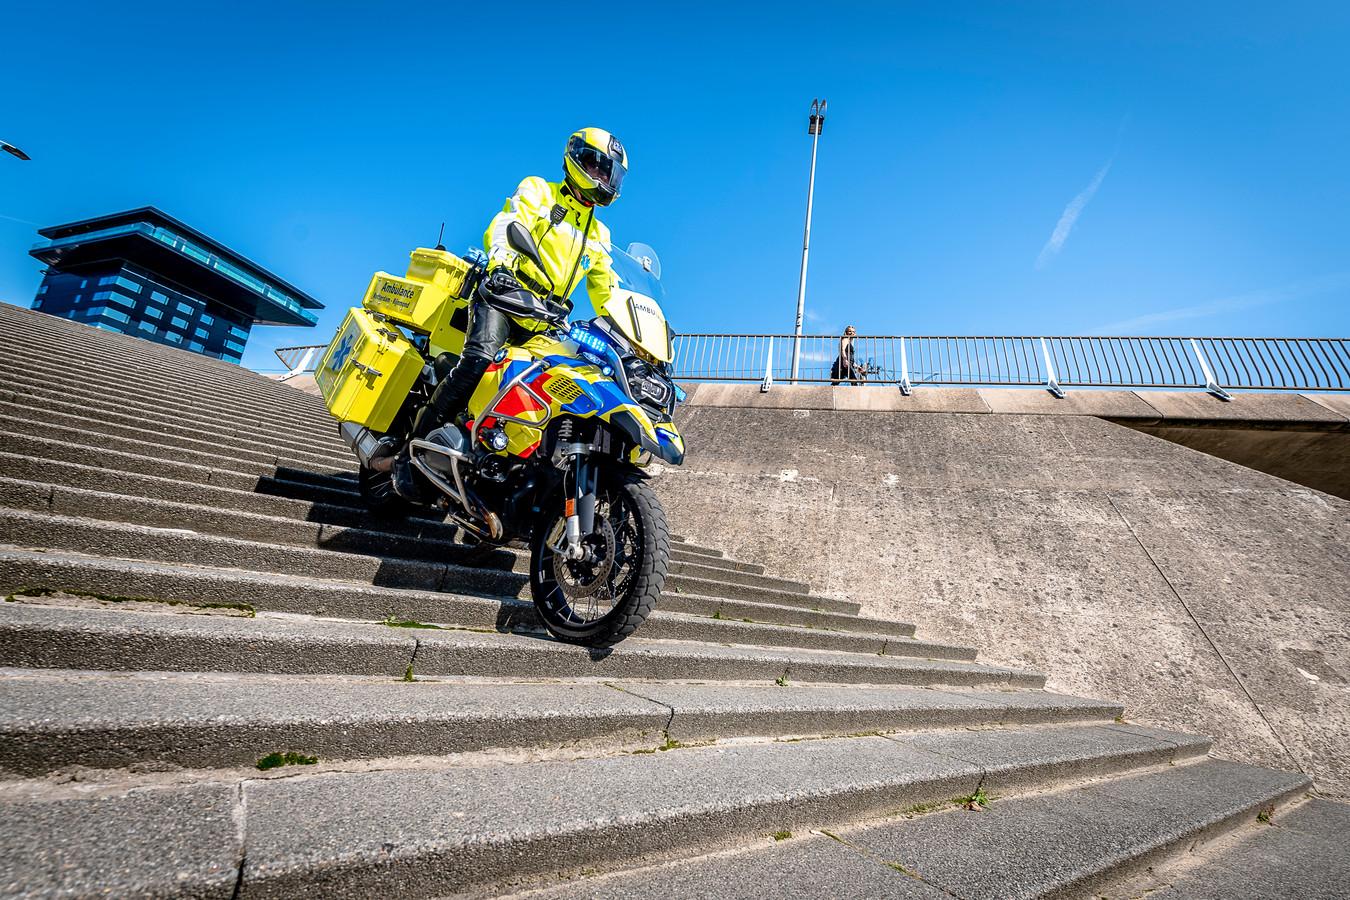 Ook de steilste trappen zijn geen enkel probleem voor de motorambulance